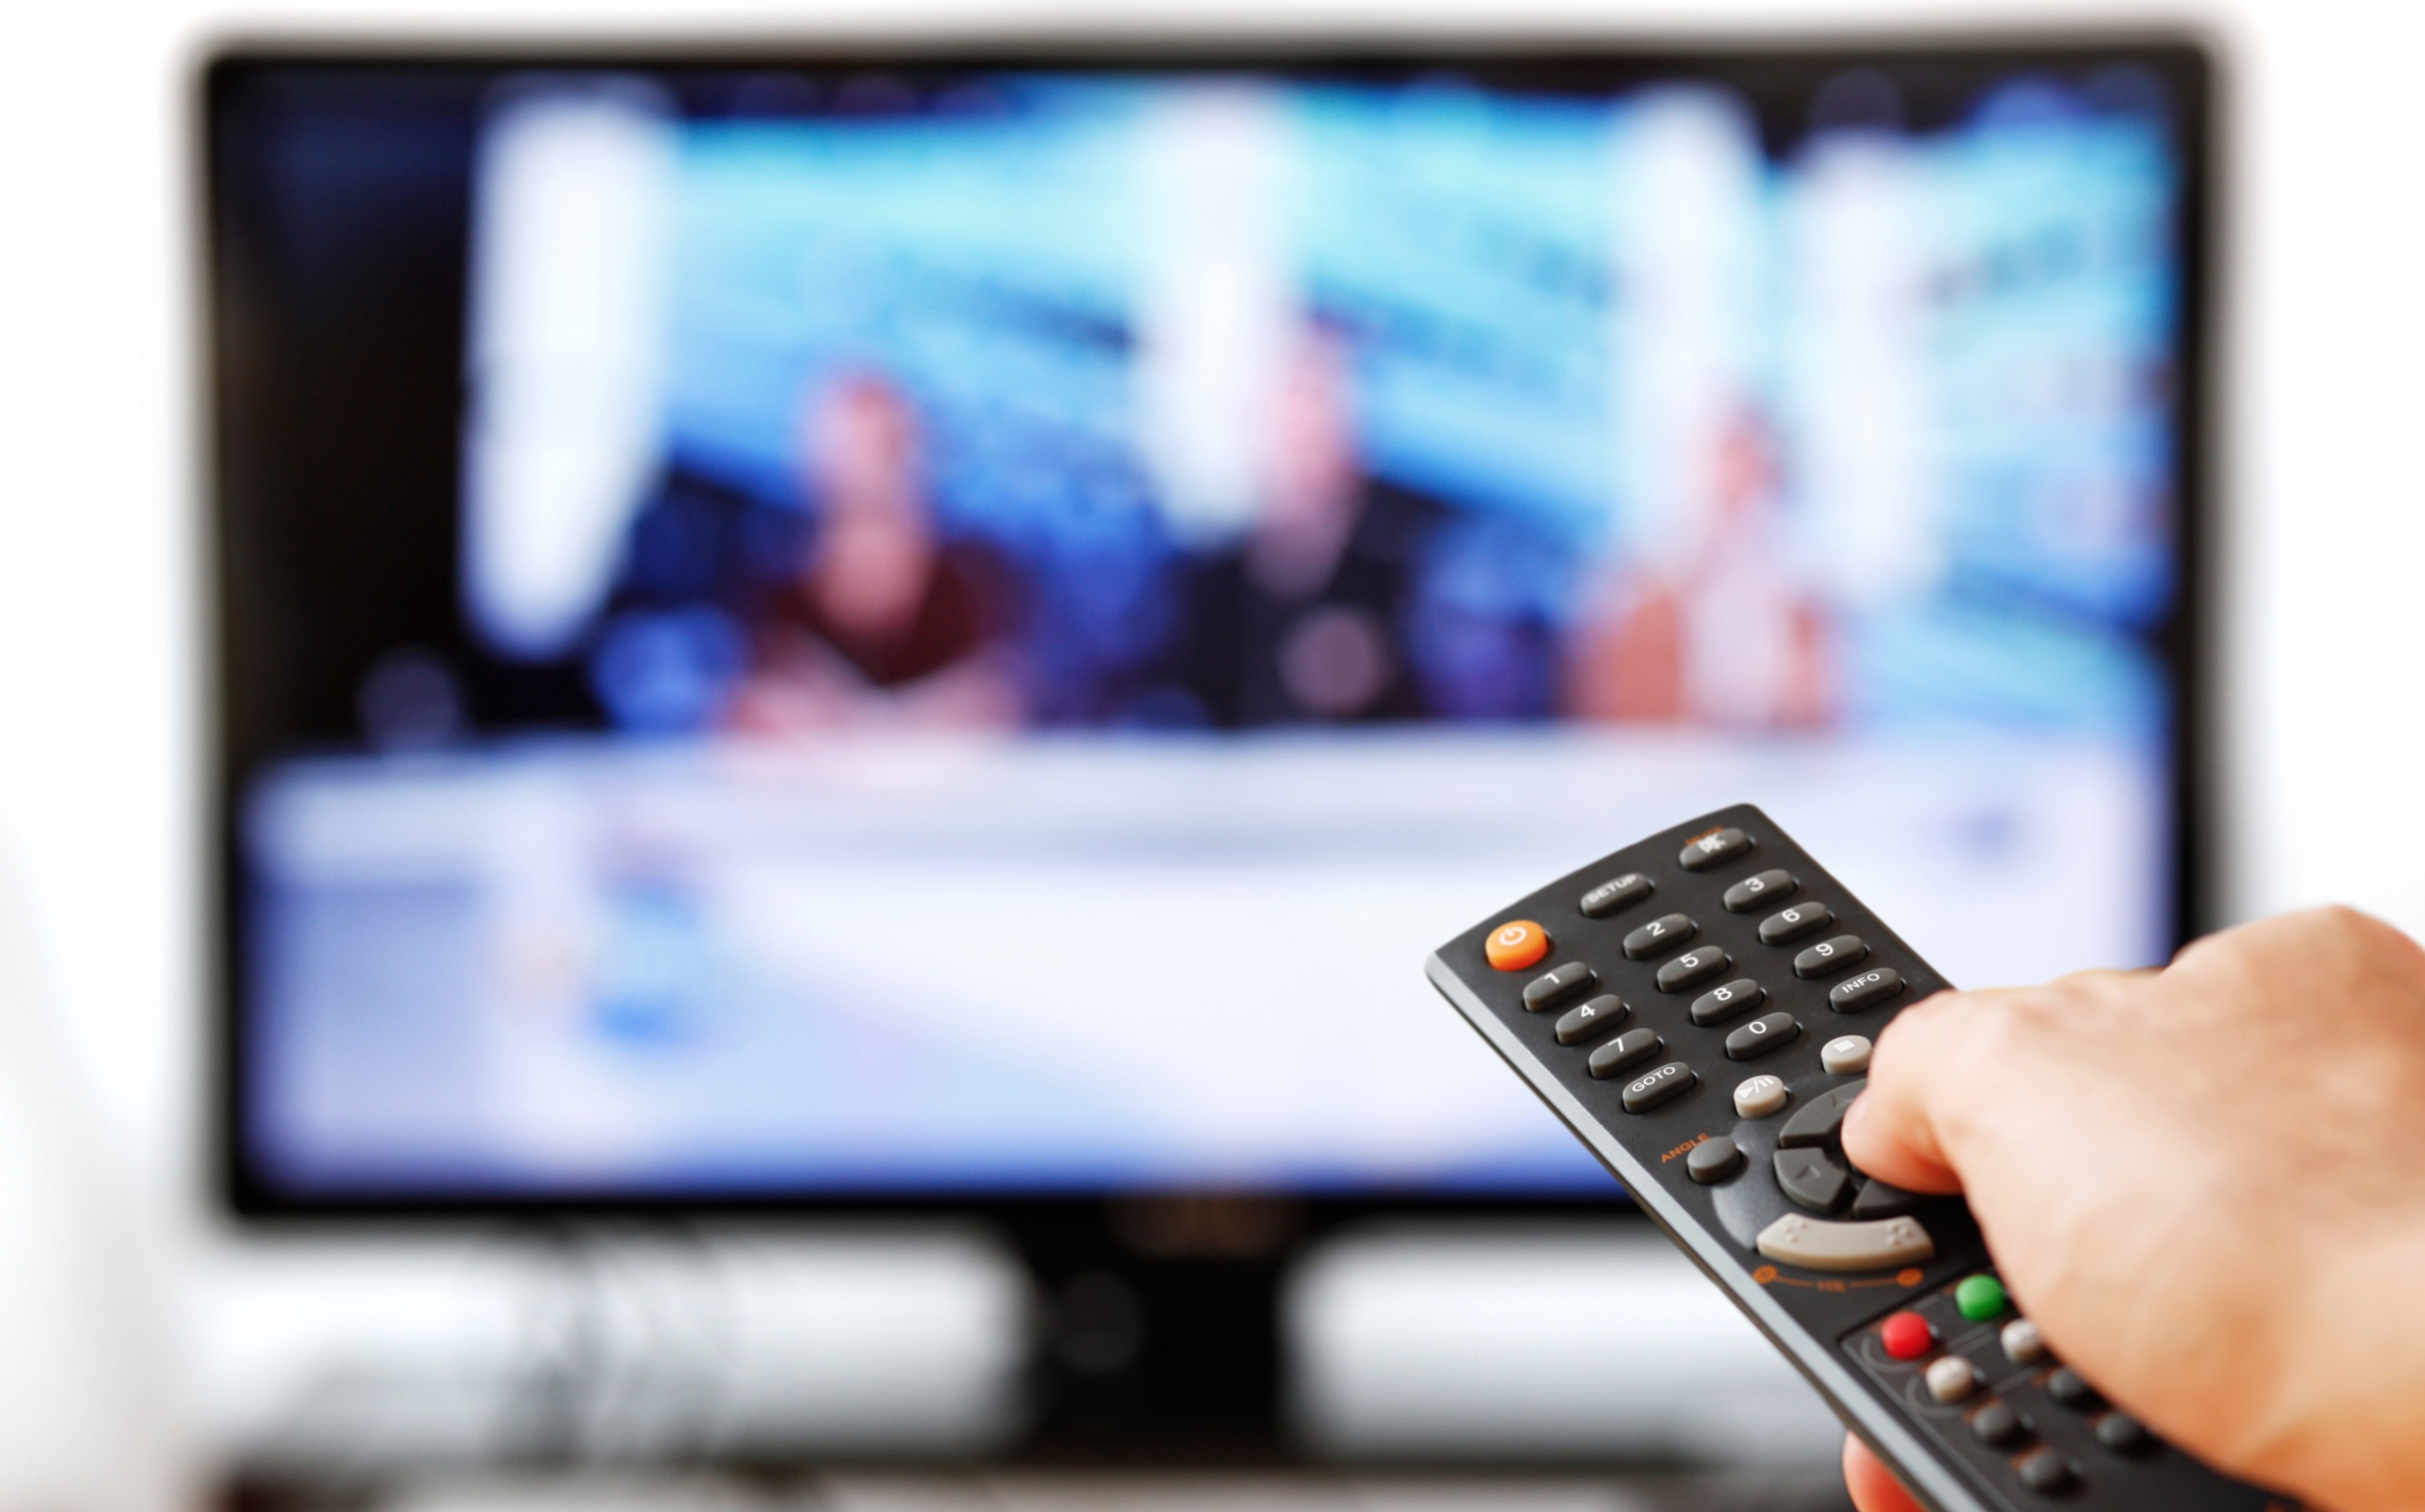 Le 5 migliori idee regalo per gli appassionati della TV